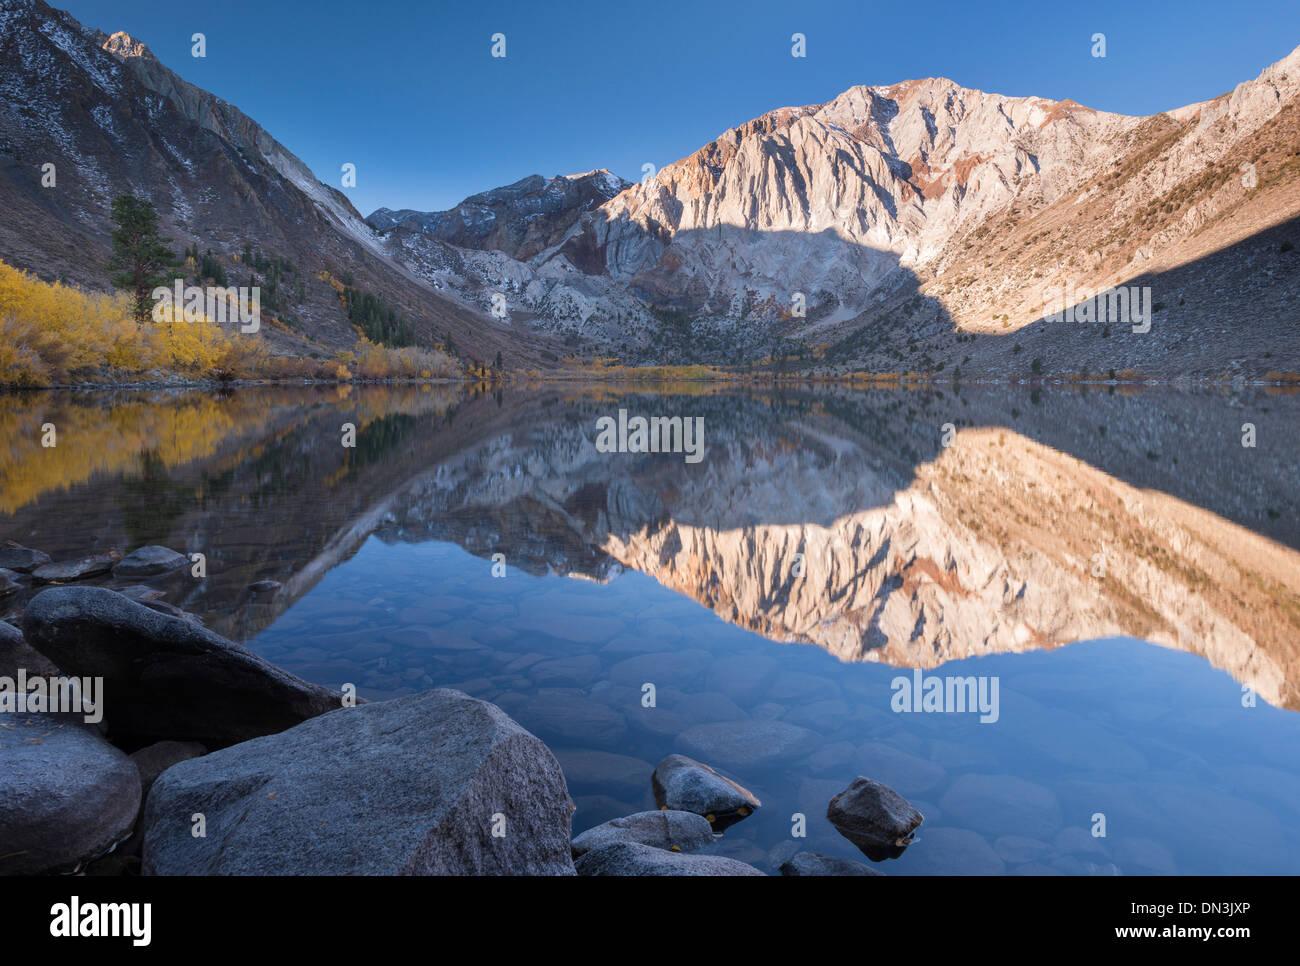 La mattina presto il sole illumina il Sierra Orientale Montagne Lago trusty, California, Stati Uniti d'America. In autunno (ottobre) 2013. Immagini Stock